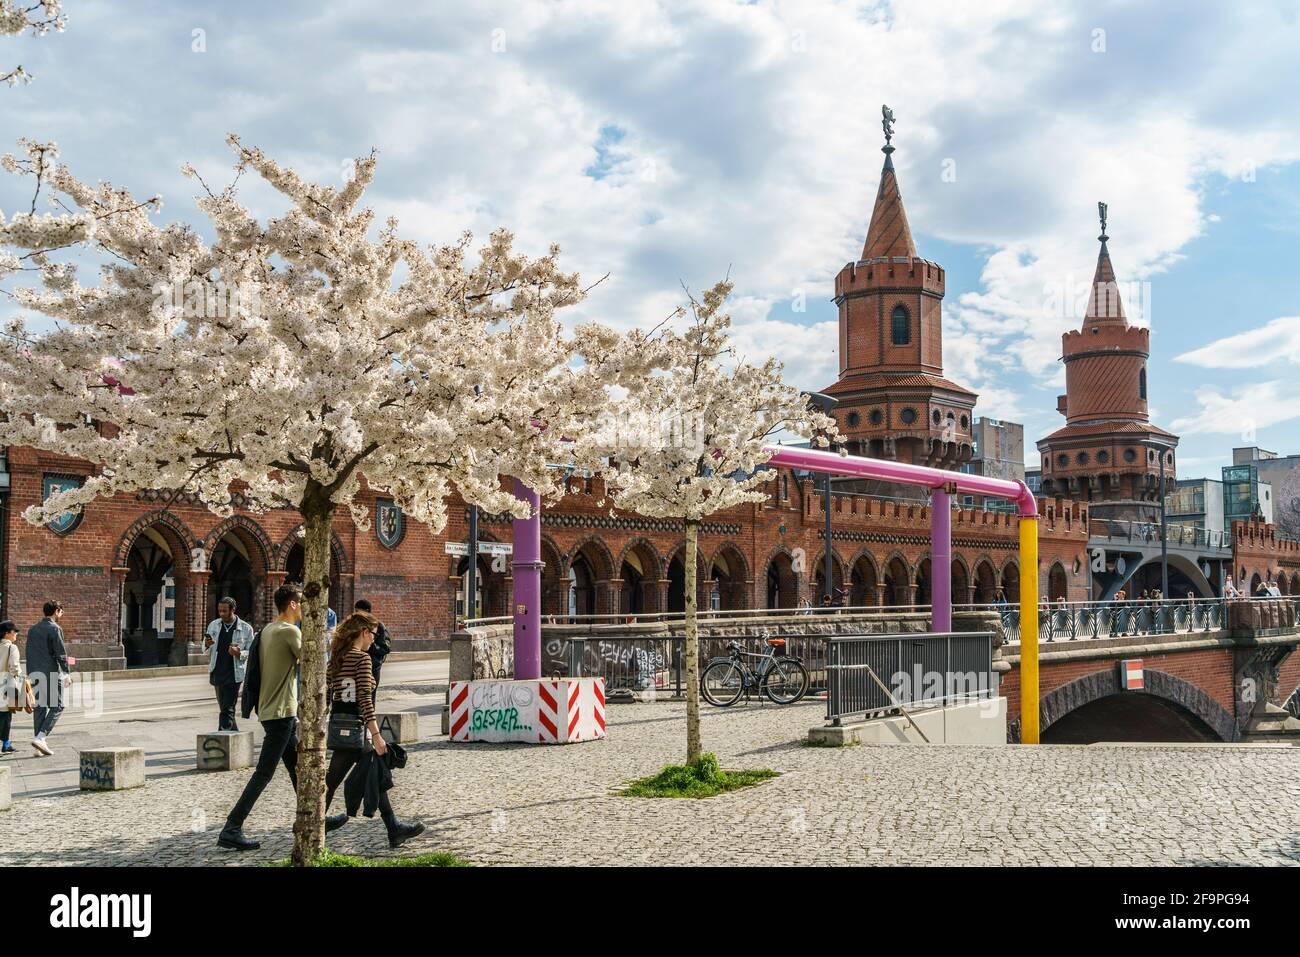 Frühling en Berlín, Kirschblüte, Oberbaumbrücke, Berlín Friedrichshain-Kreuzberg, Foto de stock